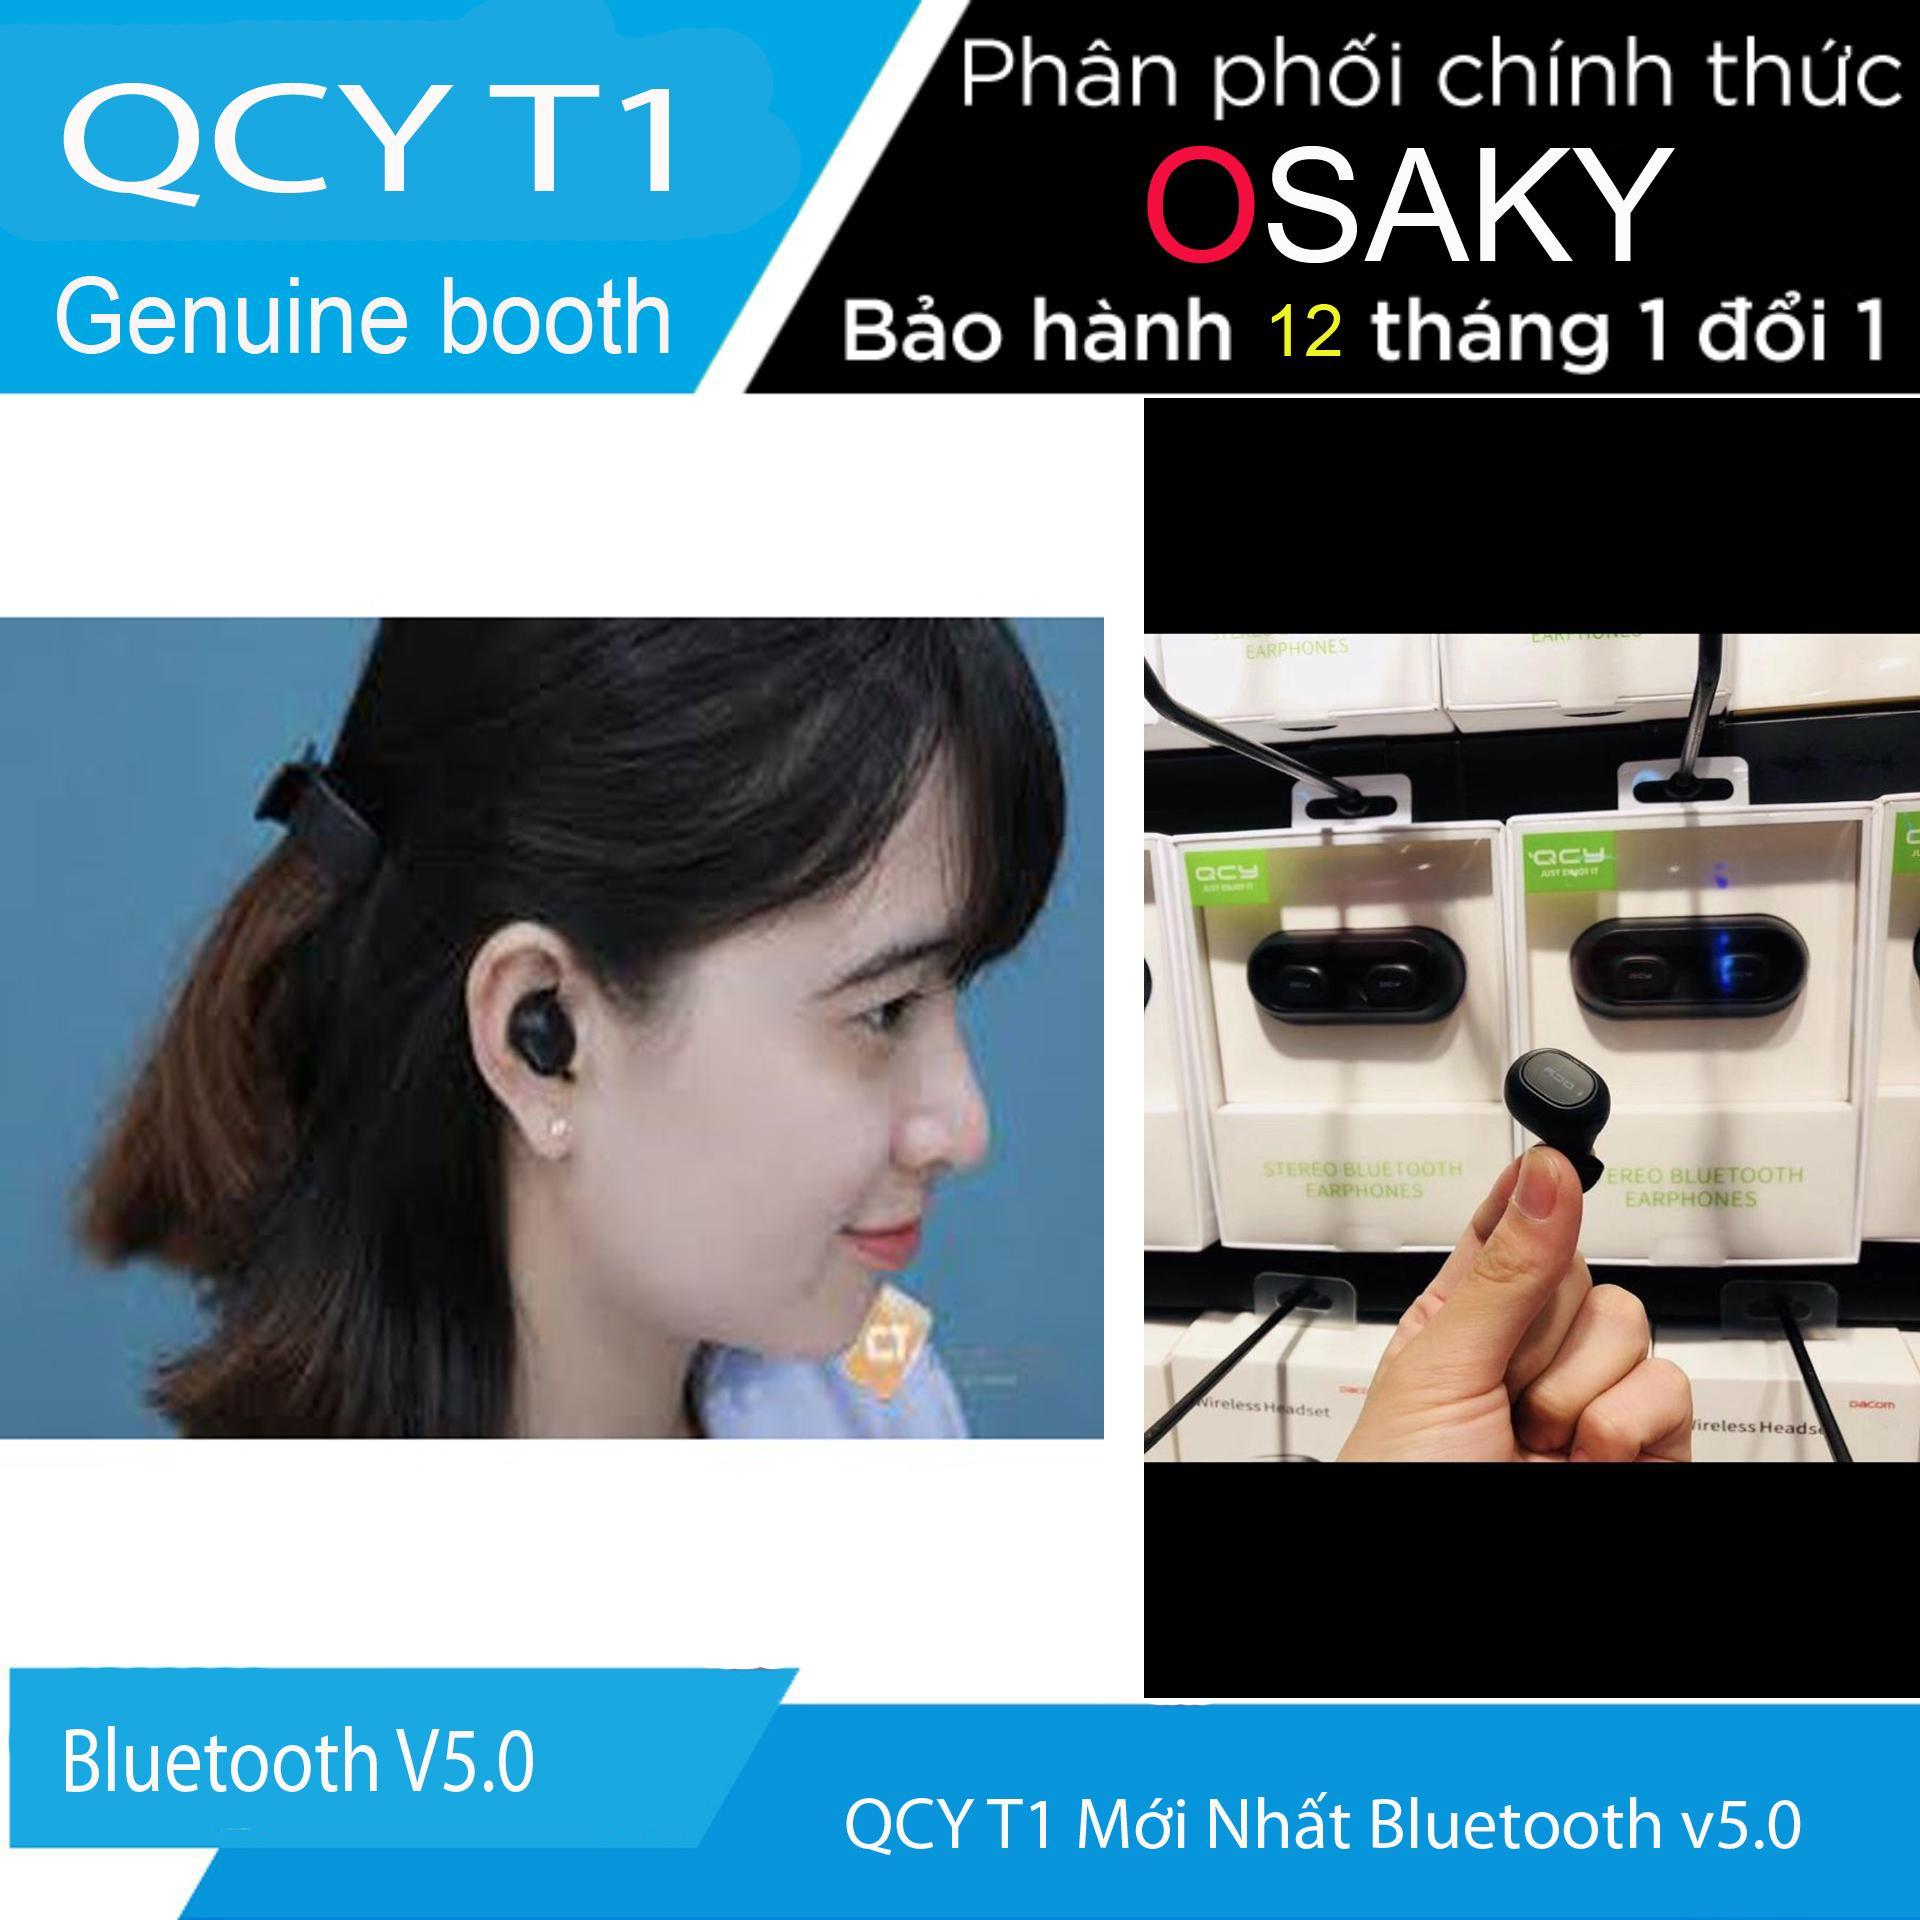 QCY T1 Bluetooth v5.0 mới nhất 2019